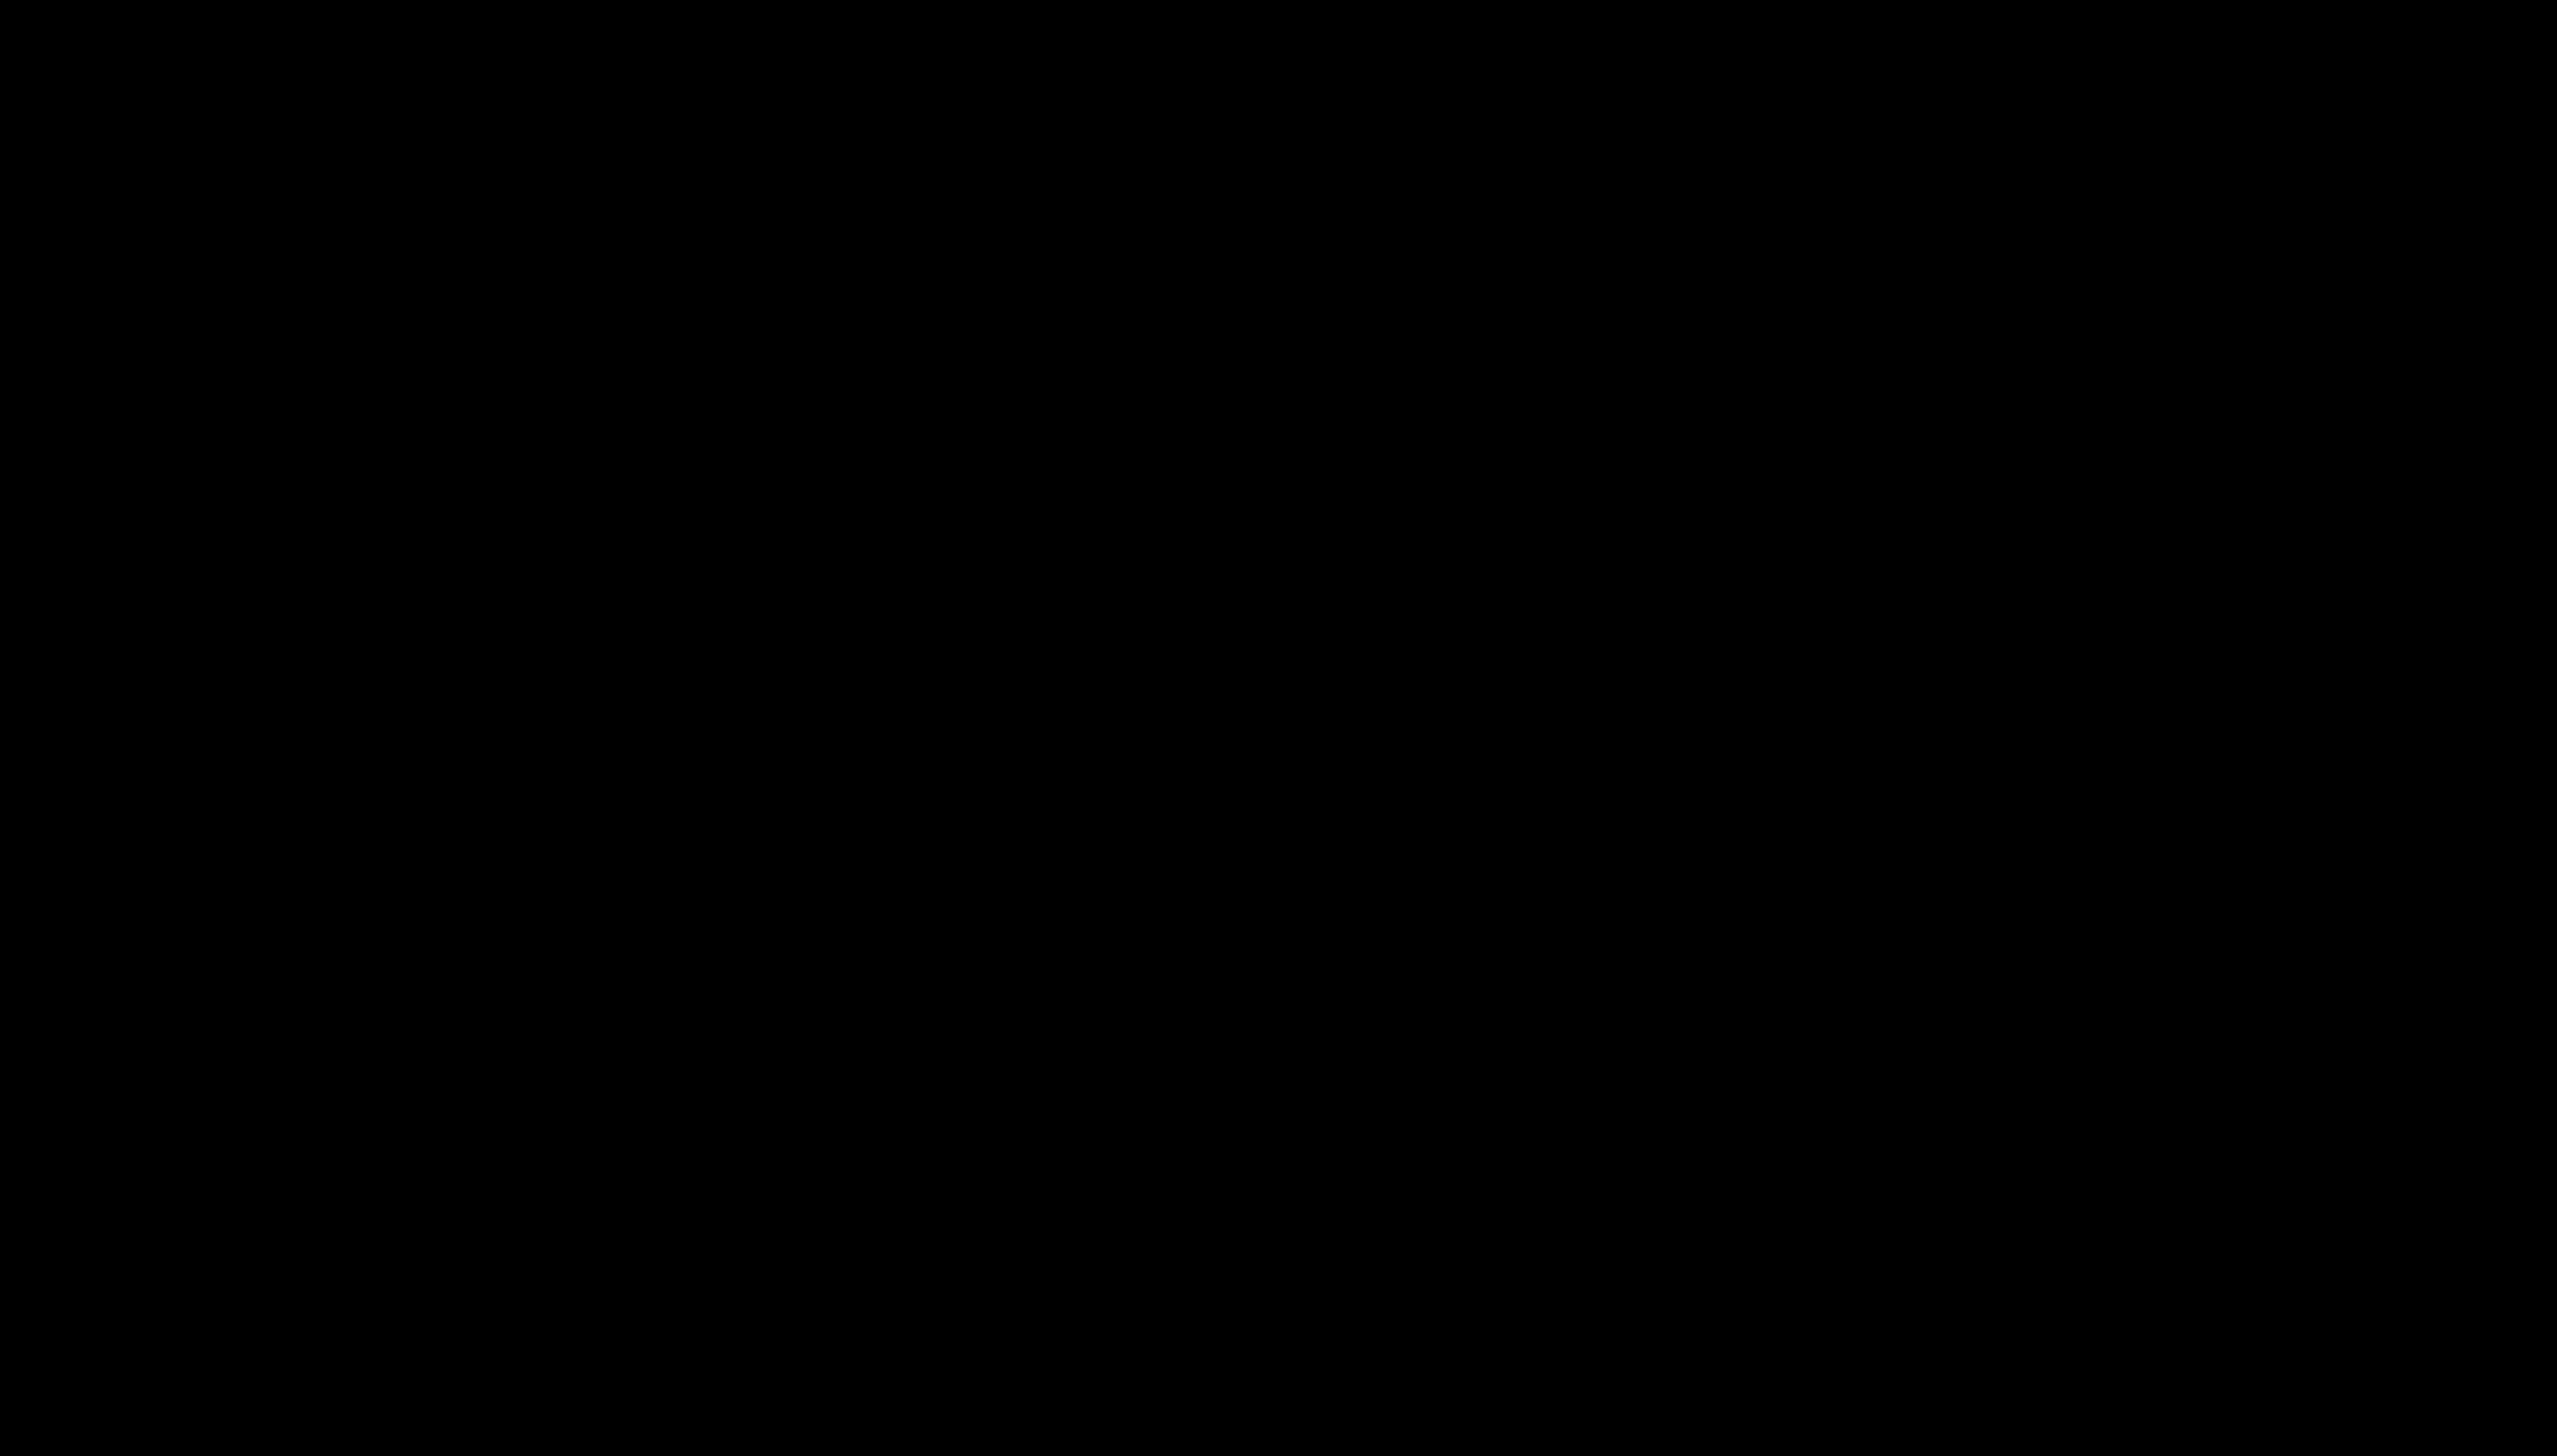 Auswirkungen der weltweiten Erdölförderung